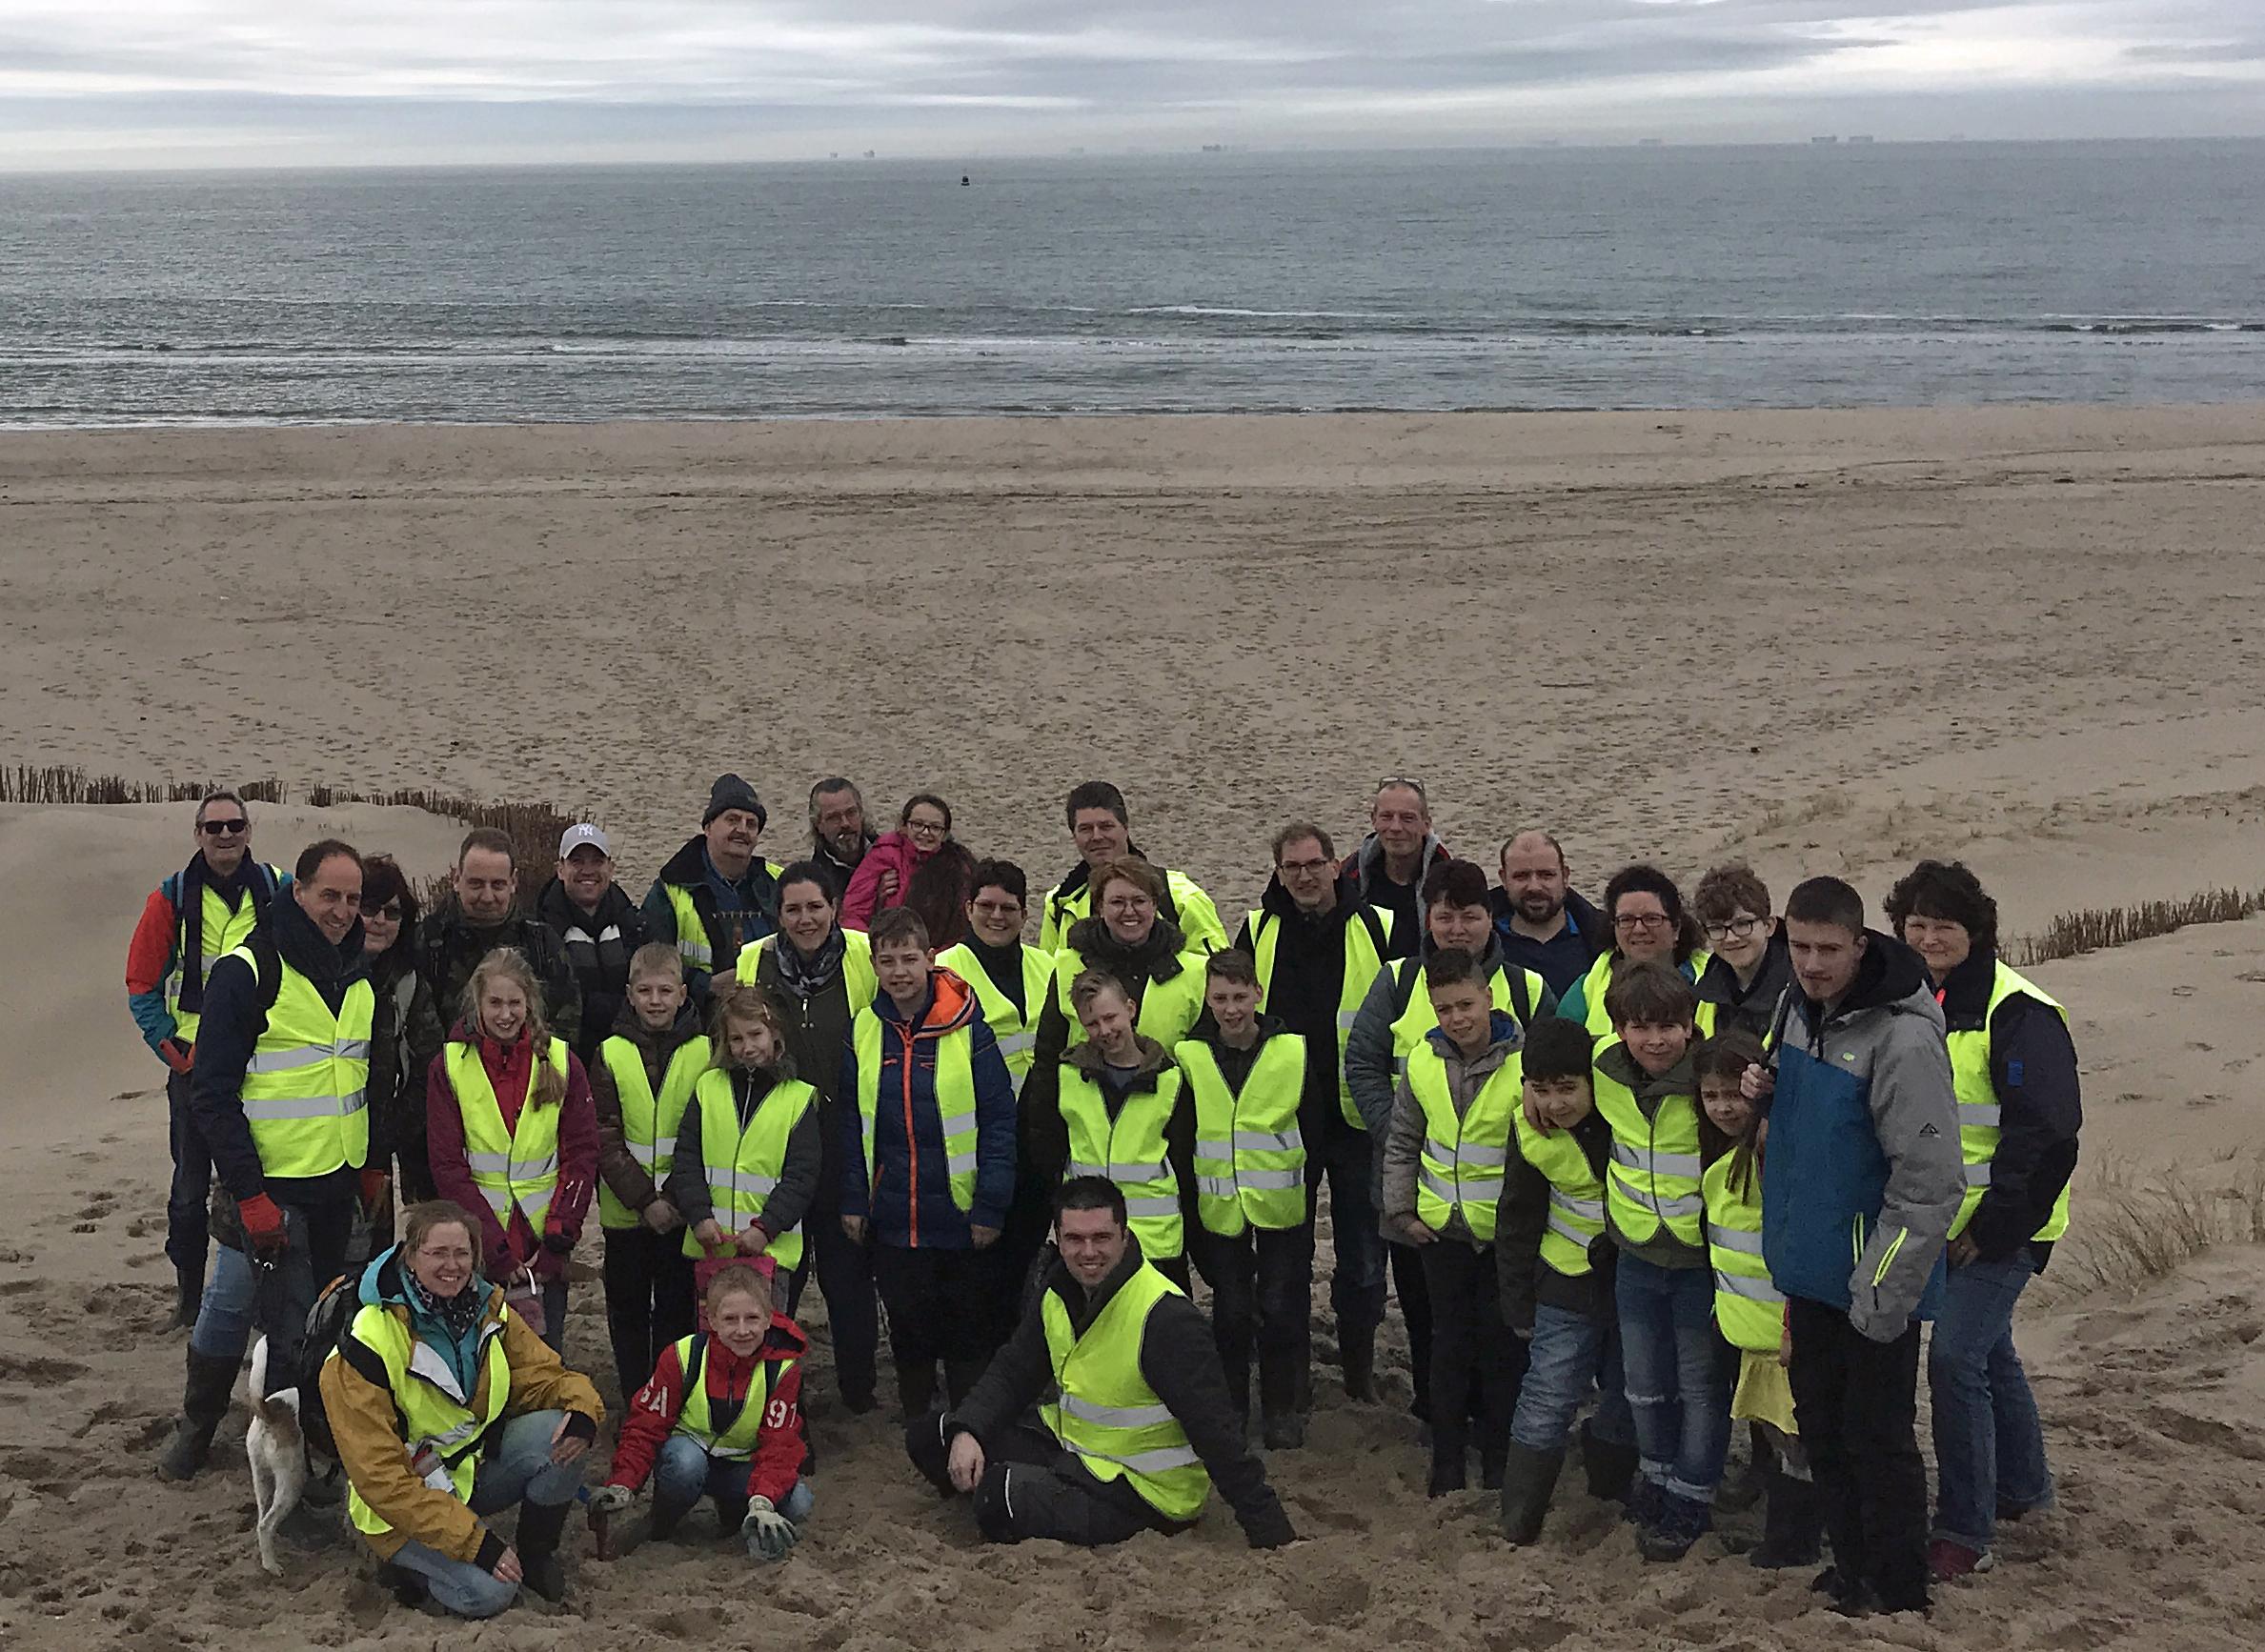 De groep bestaande uit 32 personen die in 2018 de 2e Maasvlakte heeft bezocht